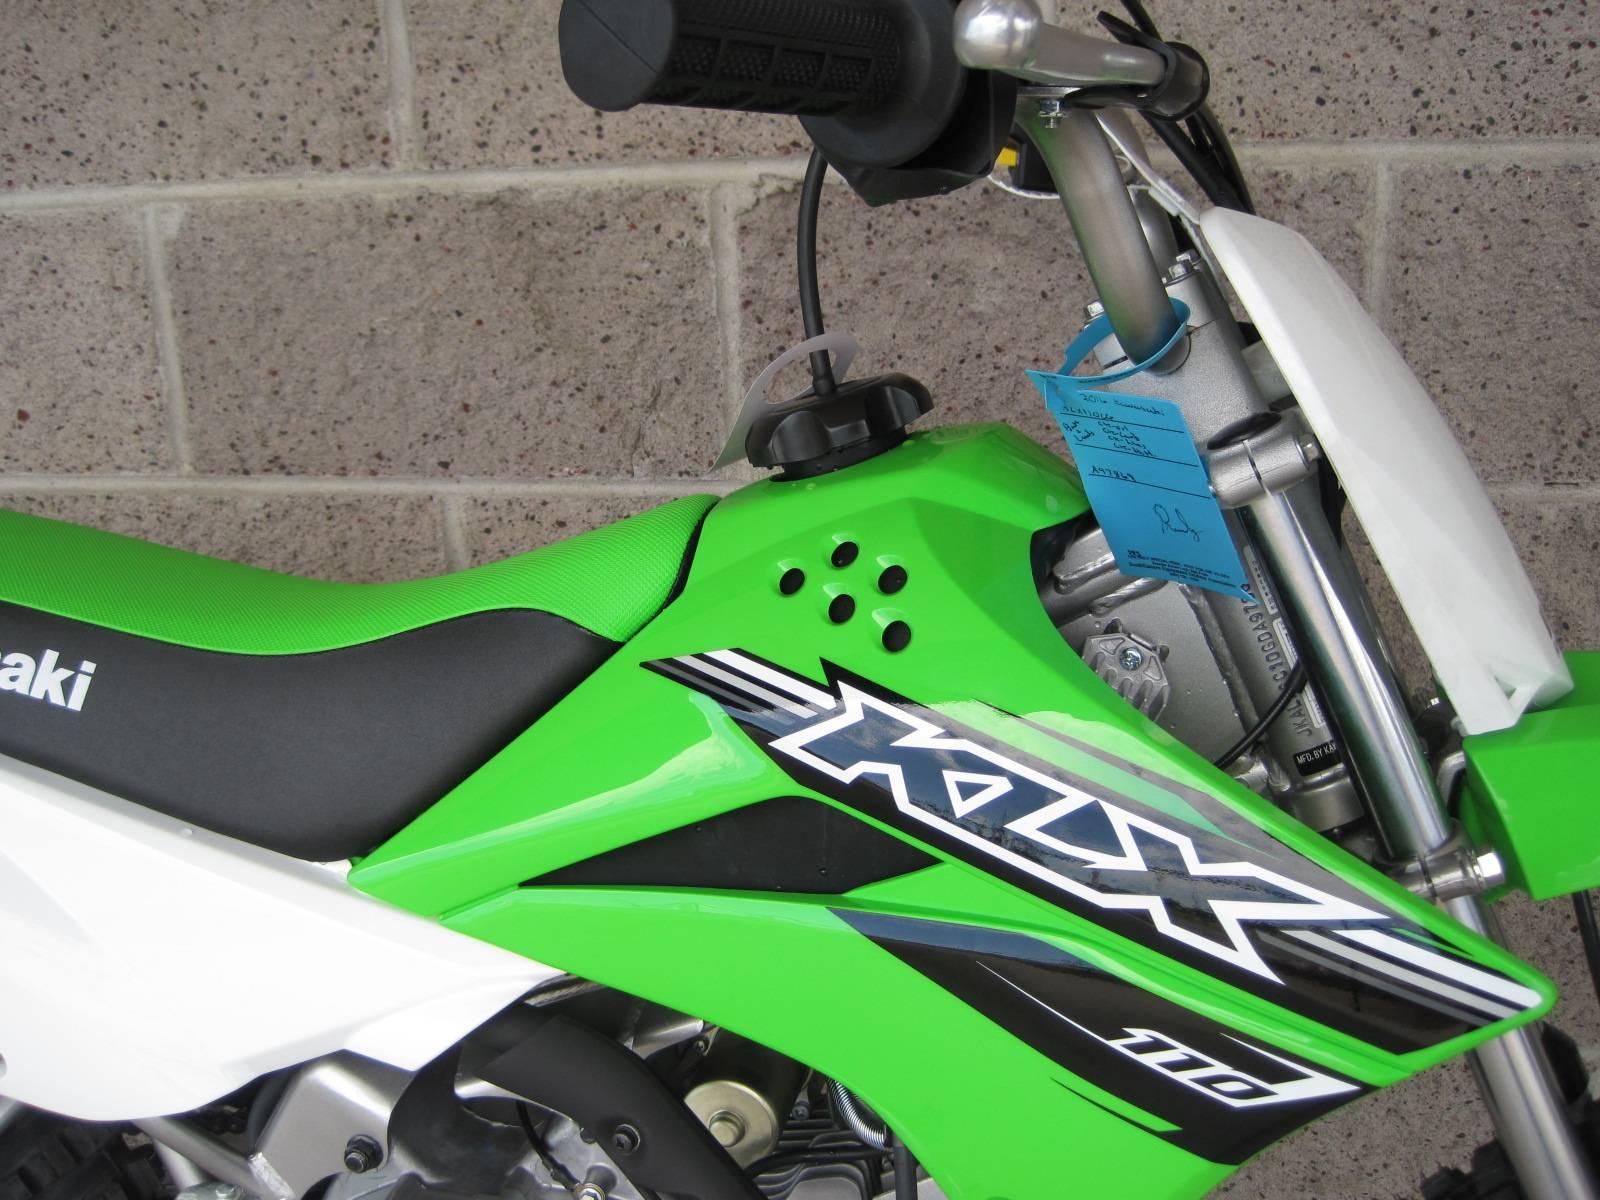 2017 Kawasaki KLX110 in Denver, Colorado